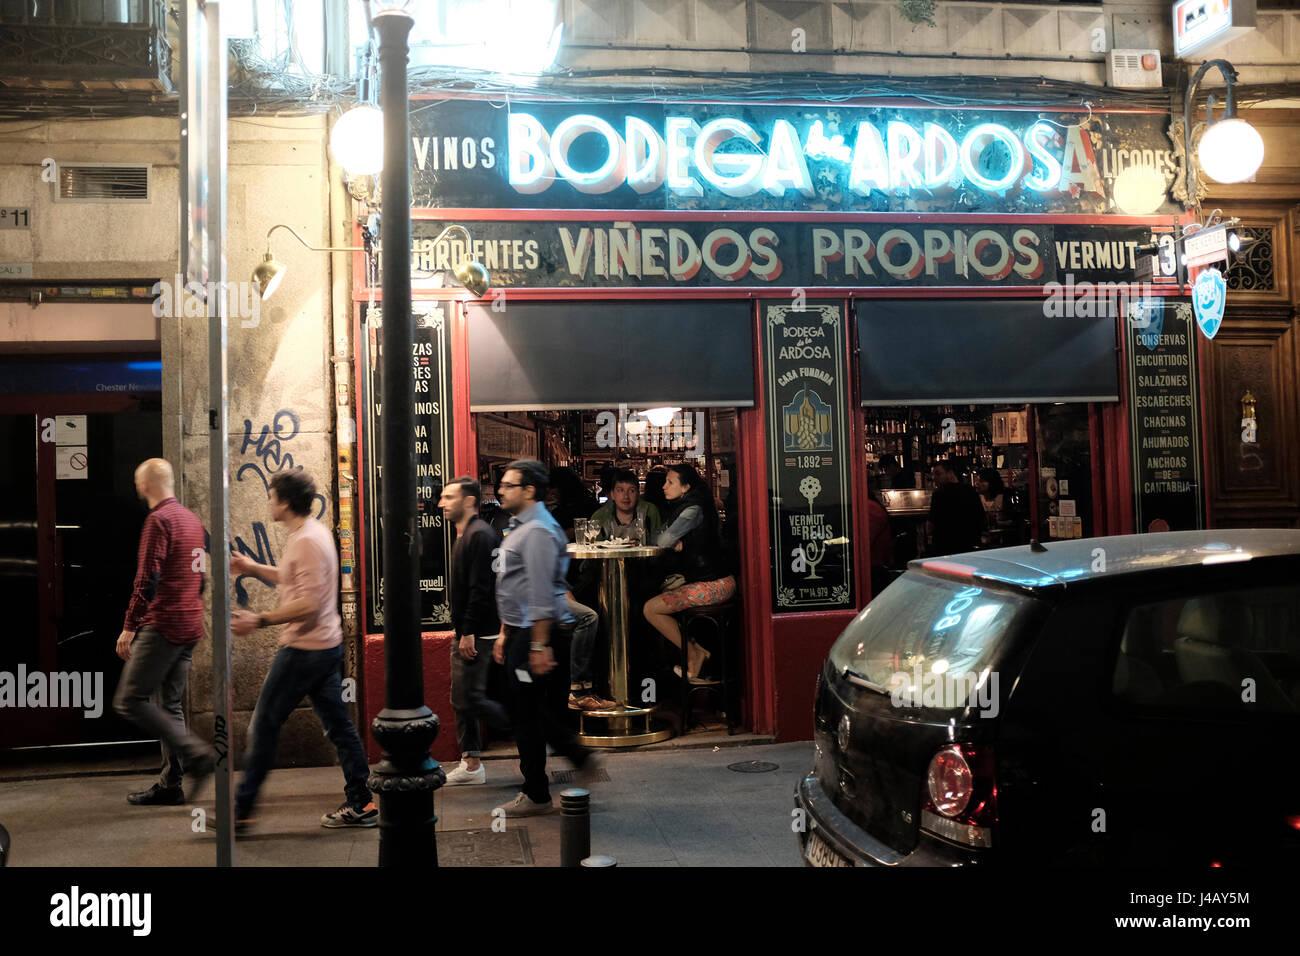 Bodega De La Ardosa Bar Madrid Spain Stock Photo 140382416 Alamy